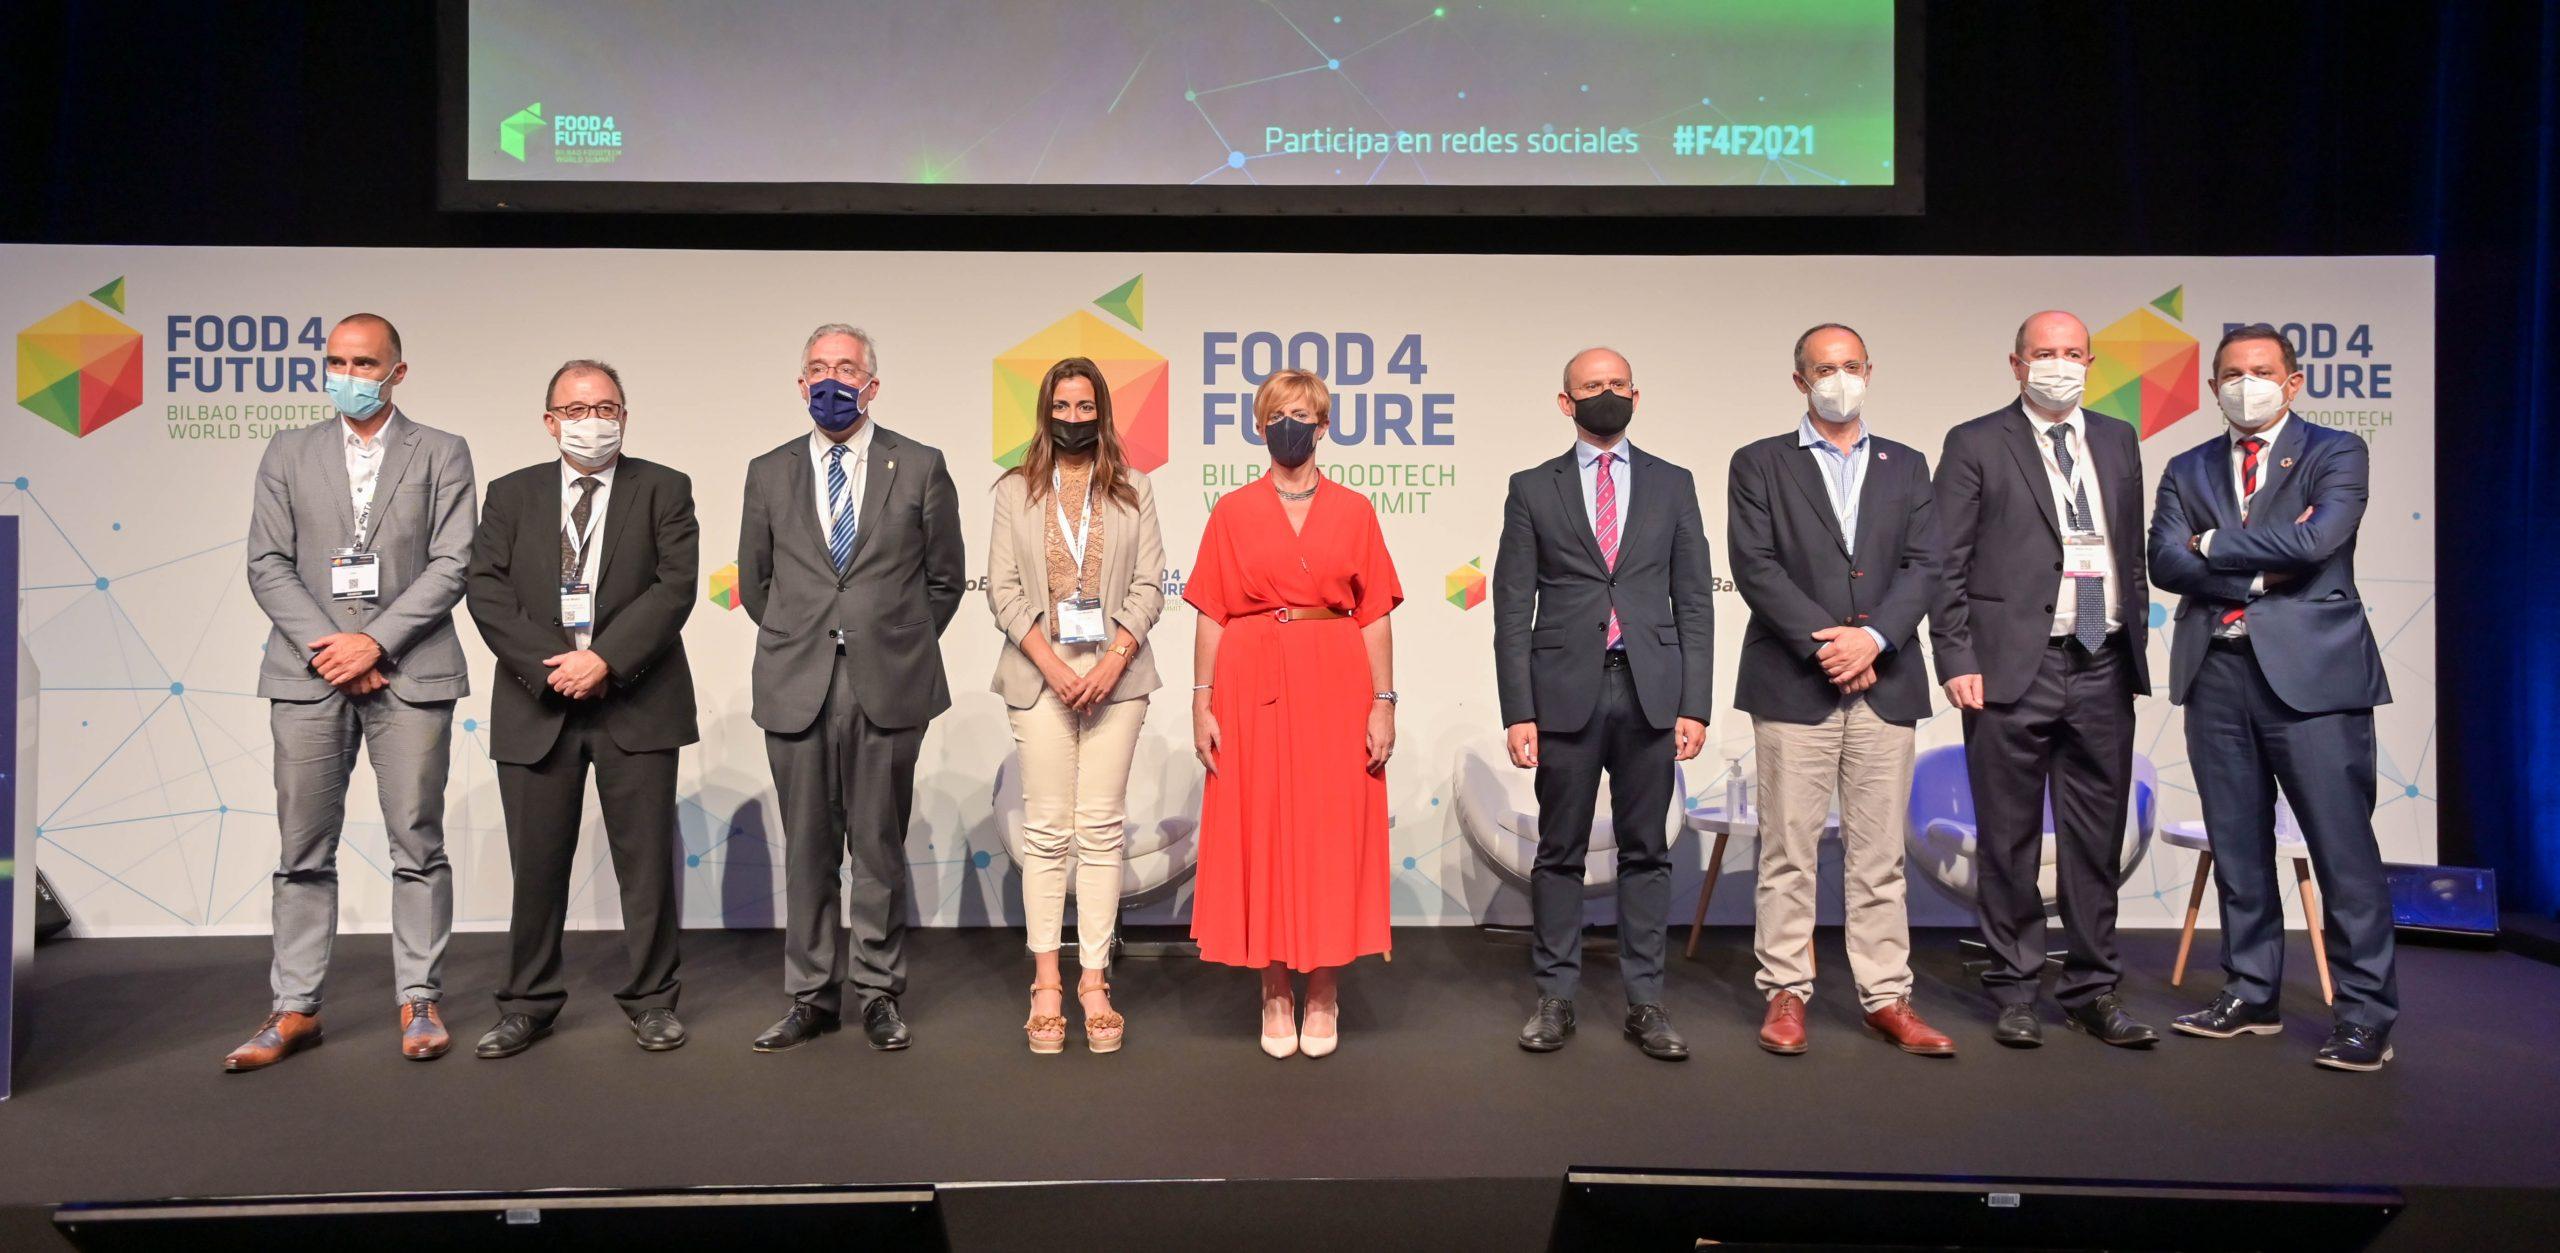 Las FoodTech Nations quieren transformar la industria alimentaria